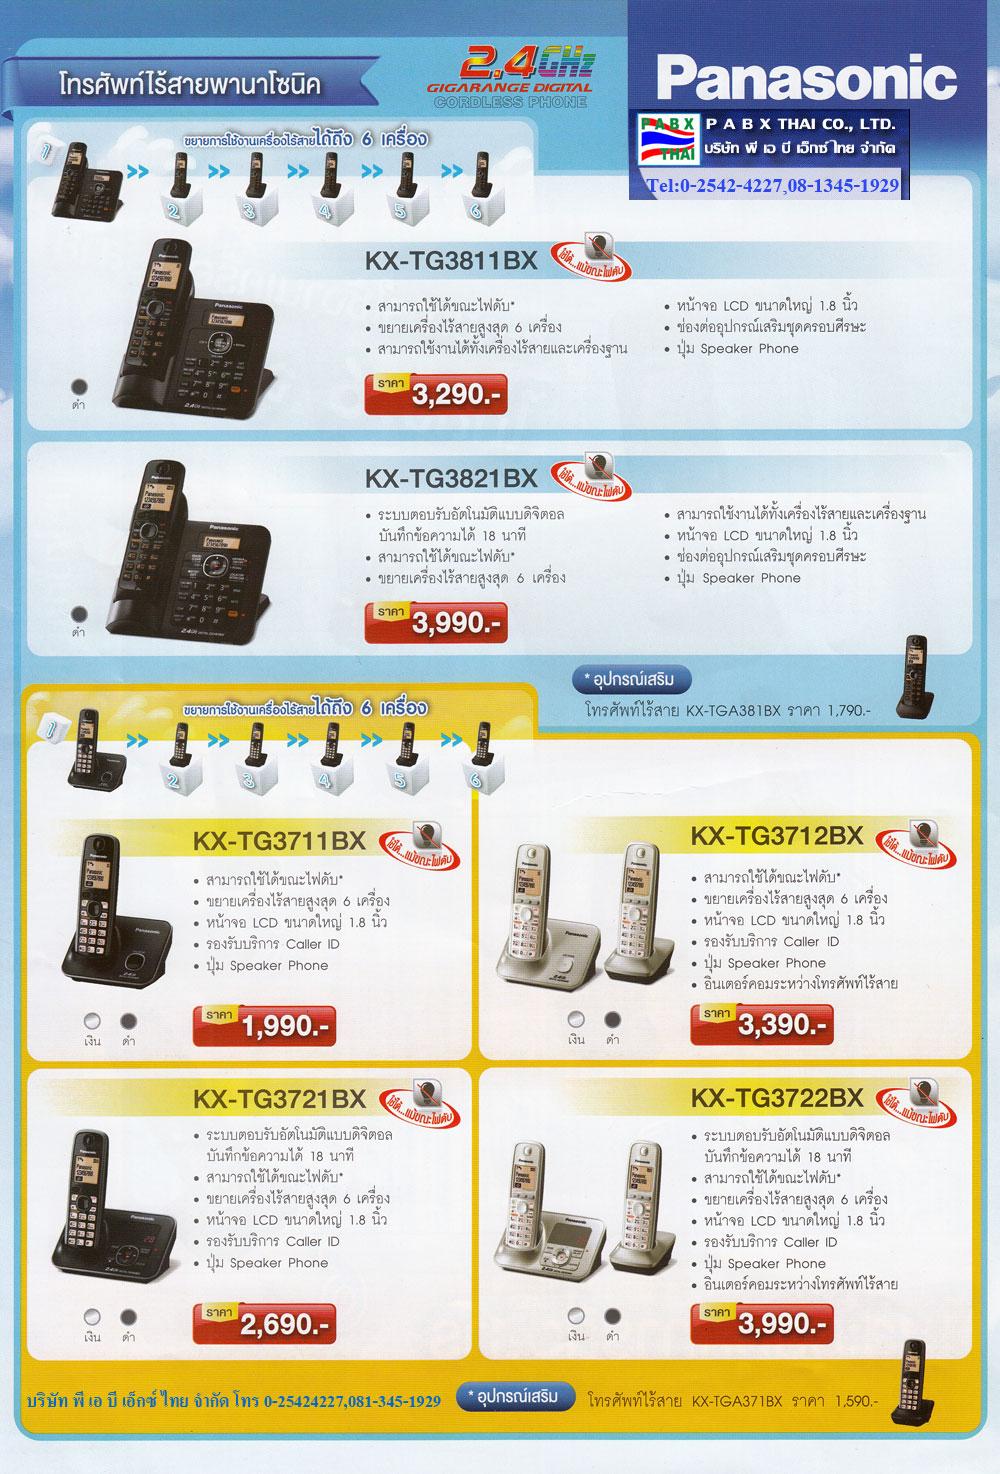 โทรศัพท์ไร้สาย Panasonic รุ่น KX-TG3611BX